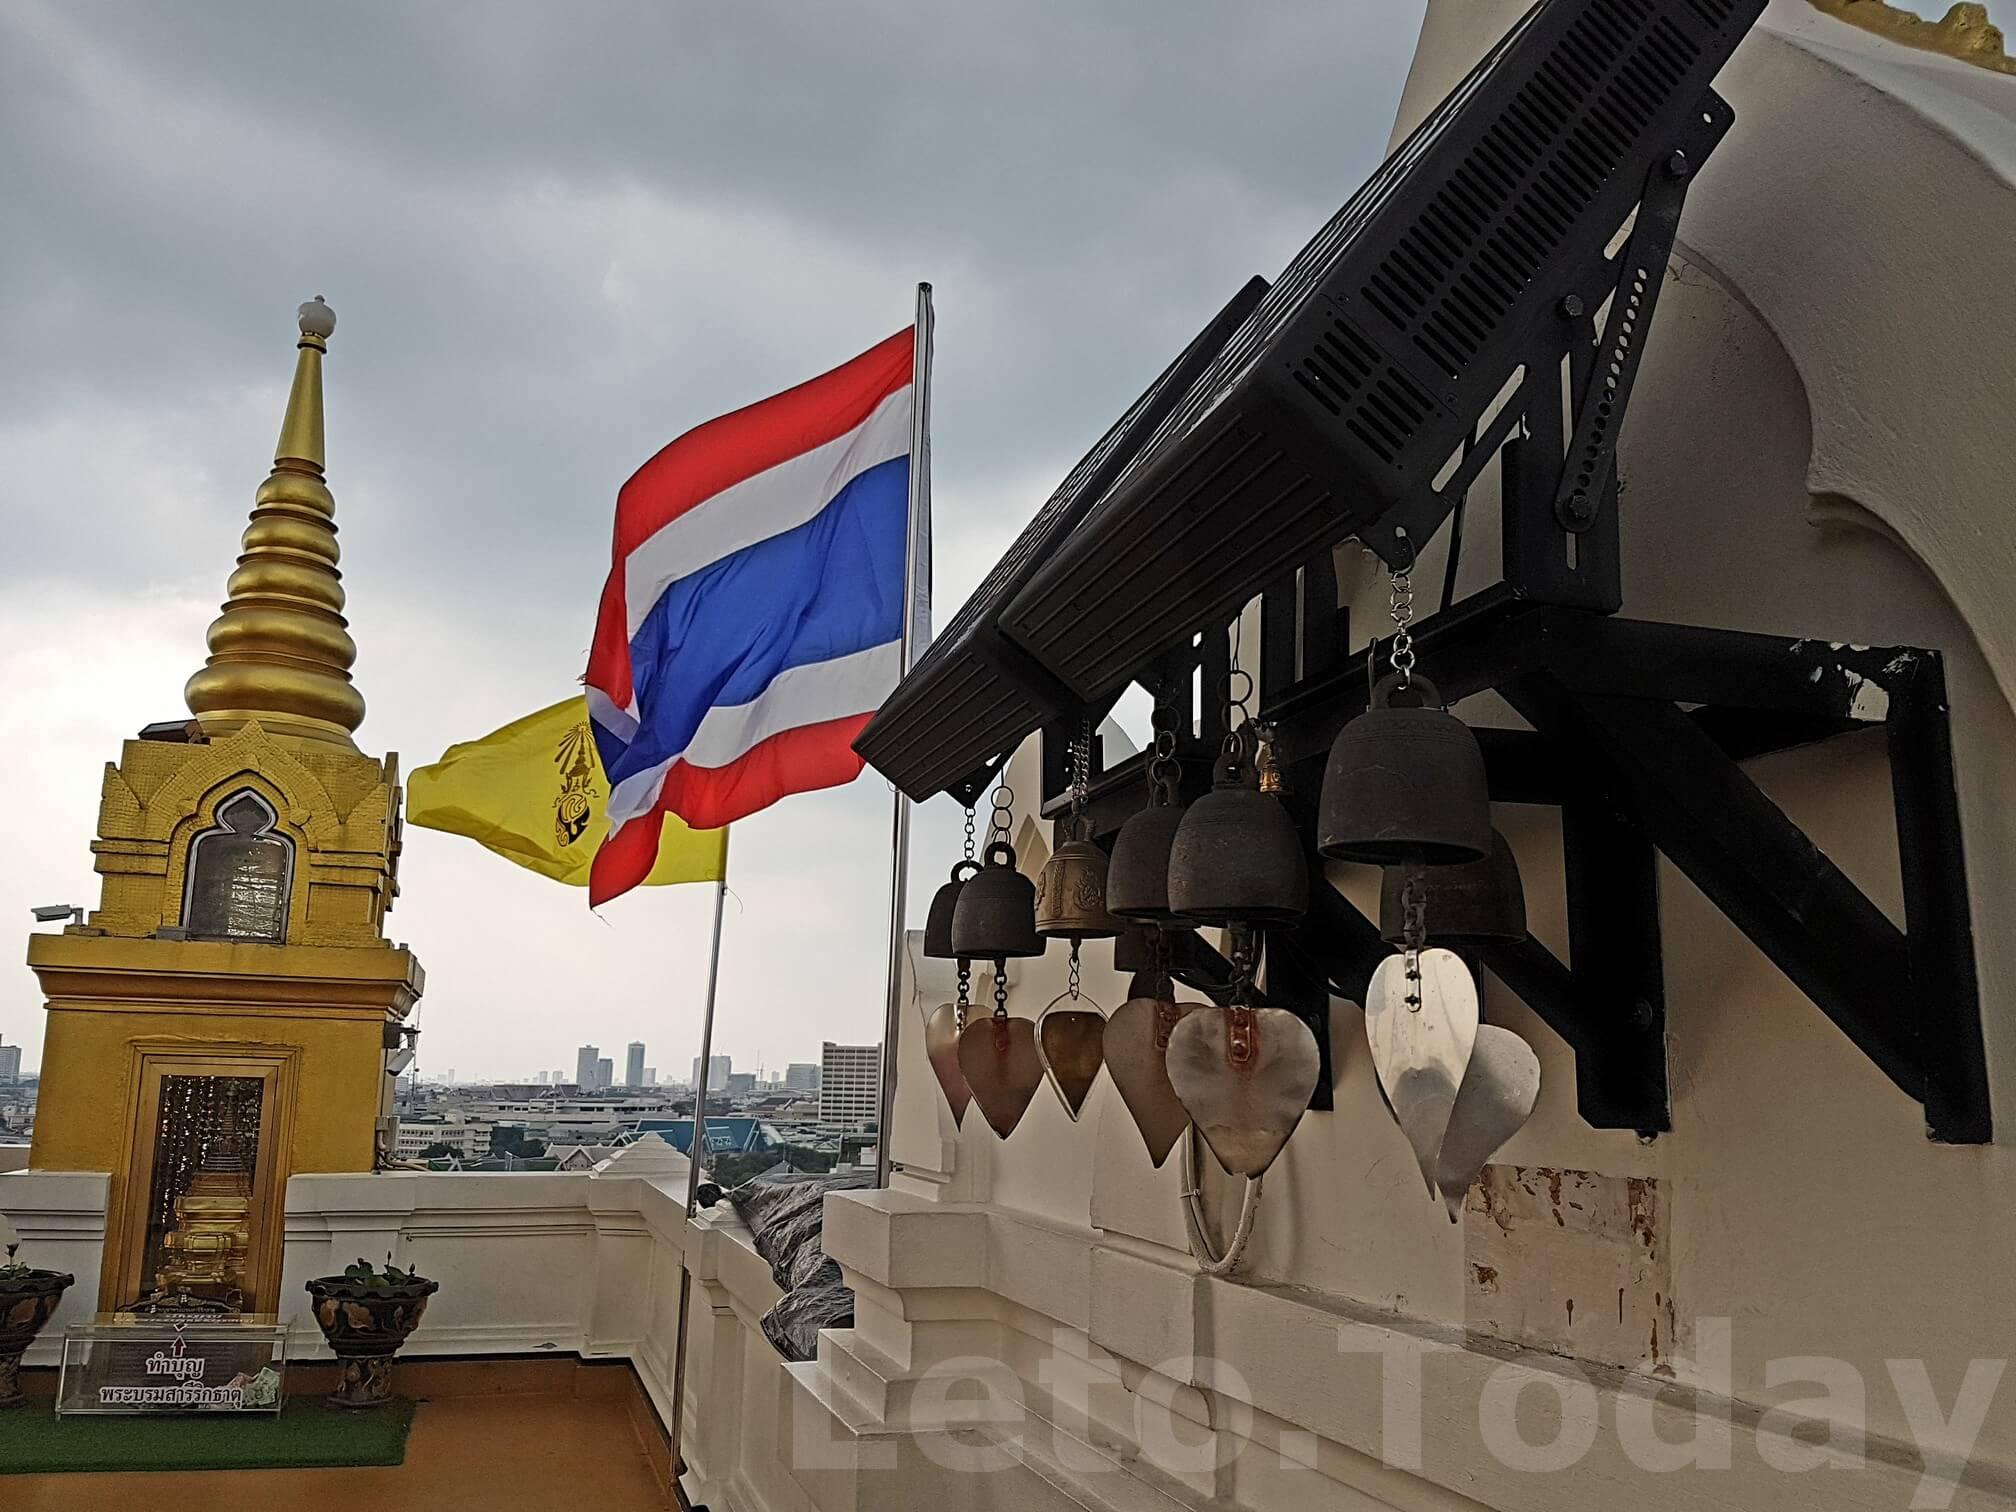 ват сакет leto.today (11) Обзорная площадка в Бангкоке - Ват Сакет